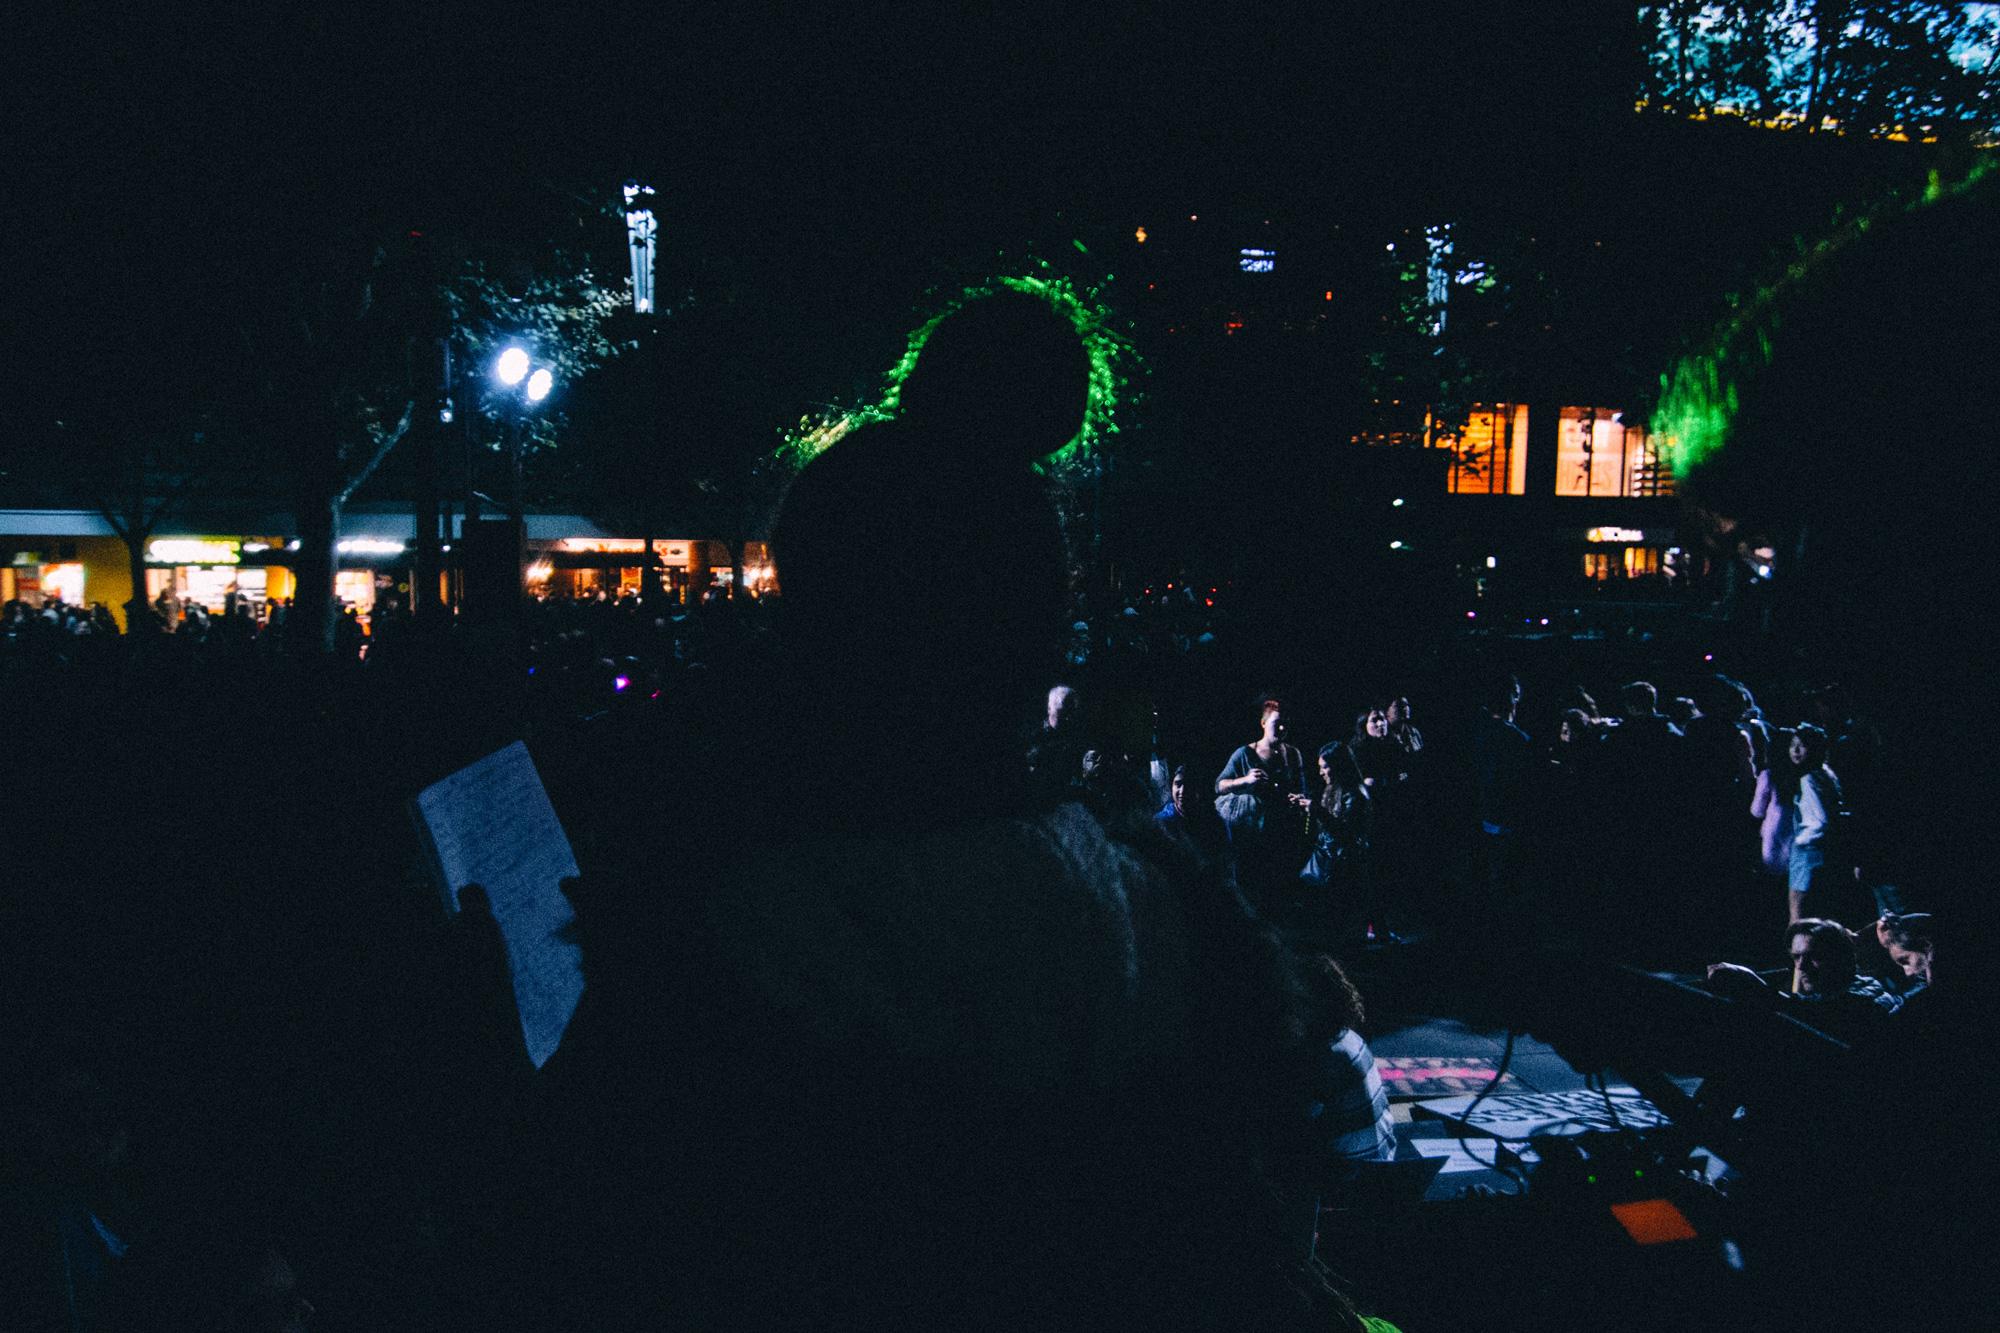 whitenight-16.jpg